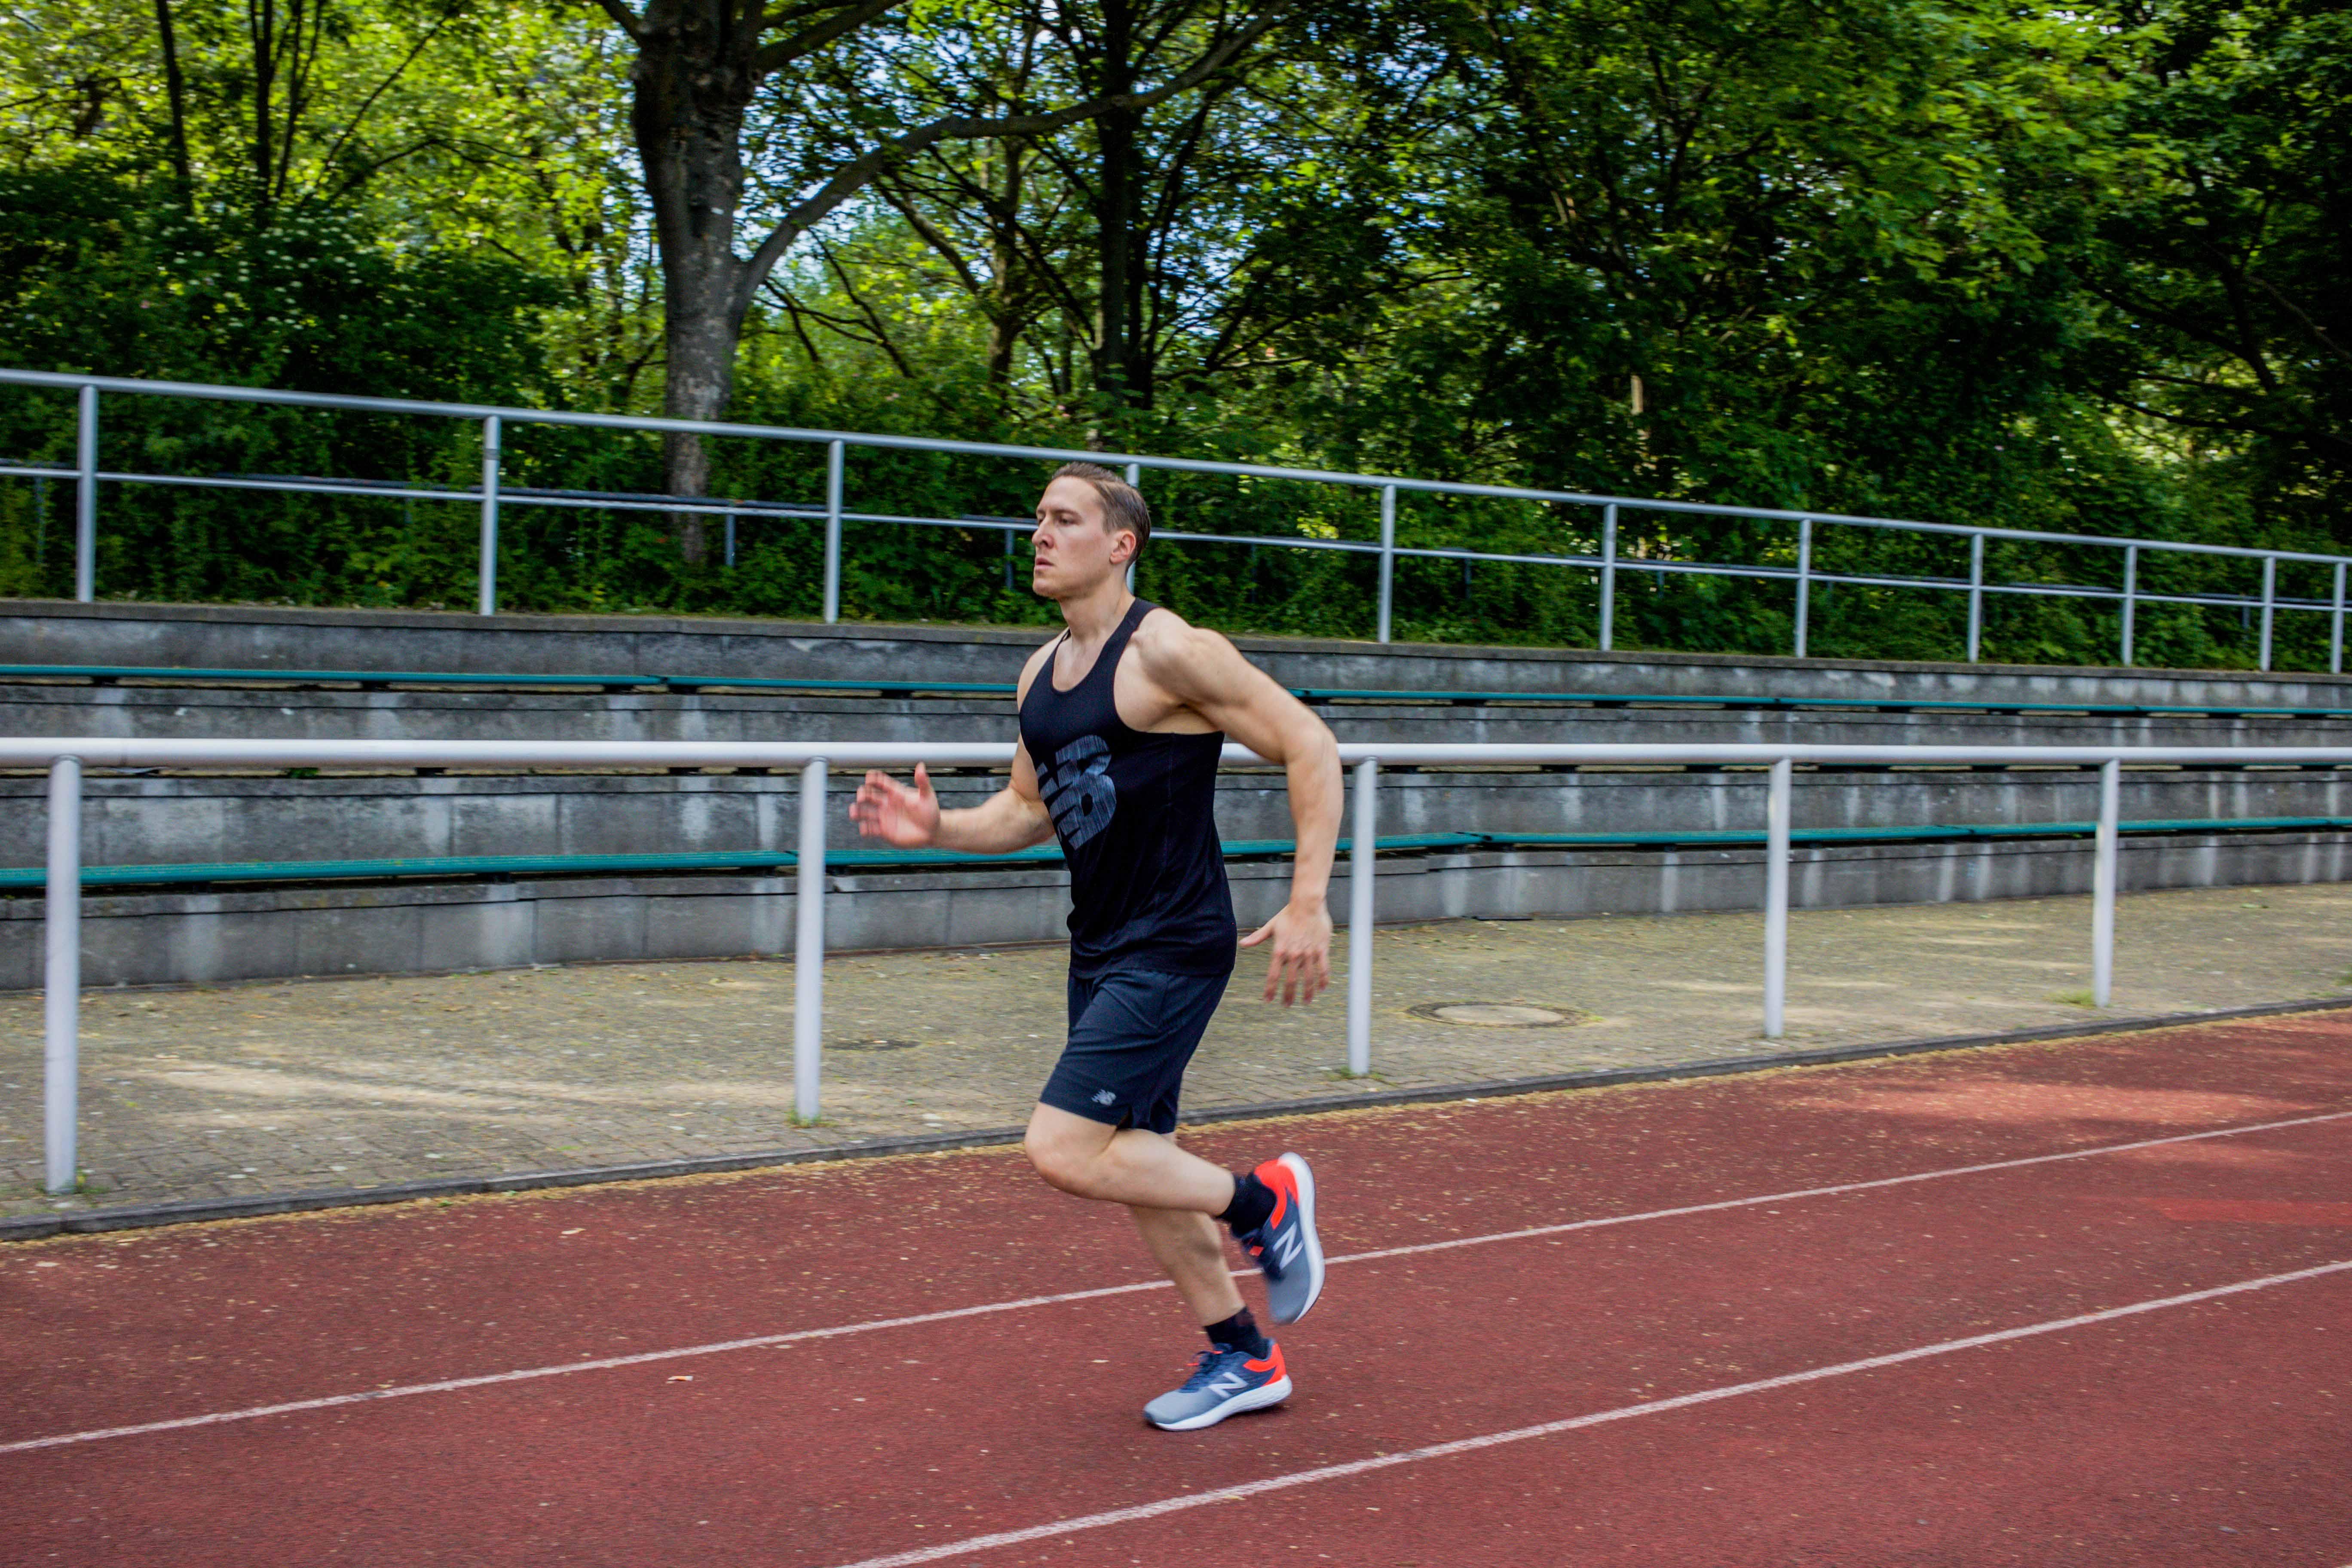 hiit-training-trainingsplan-hochintensives-intervalltraining-vorteile-fitness-sport-ausdauer-abnehmen_6209